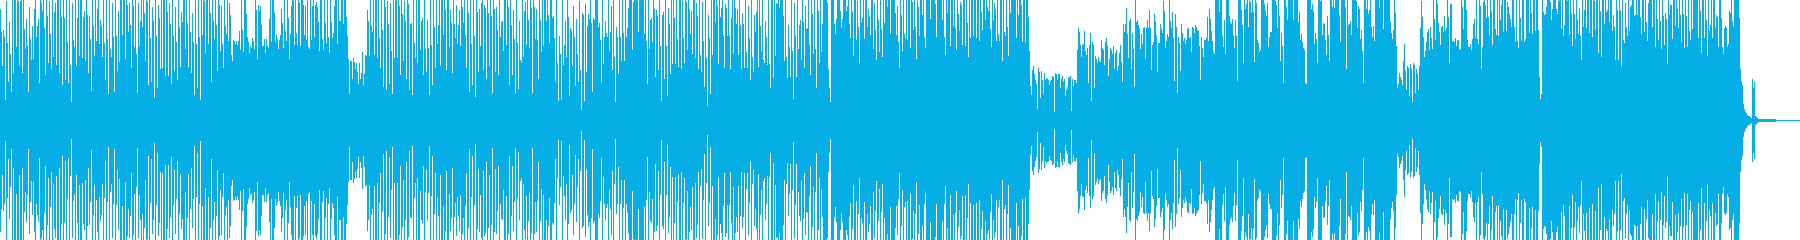 お菓子の国・メルヘンポップ Aの再生済みの波形